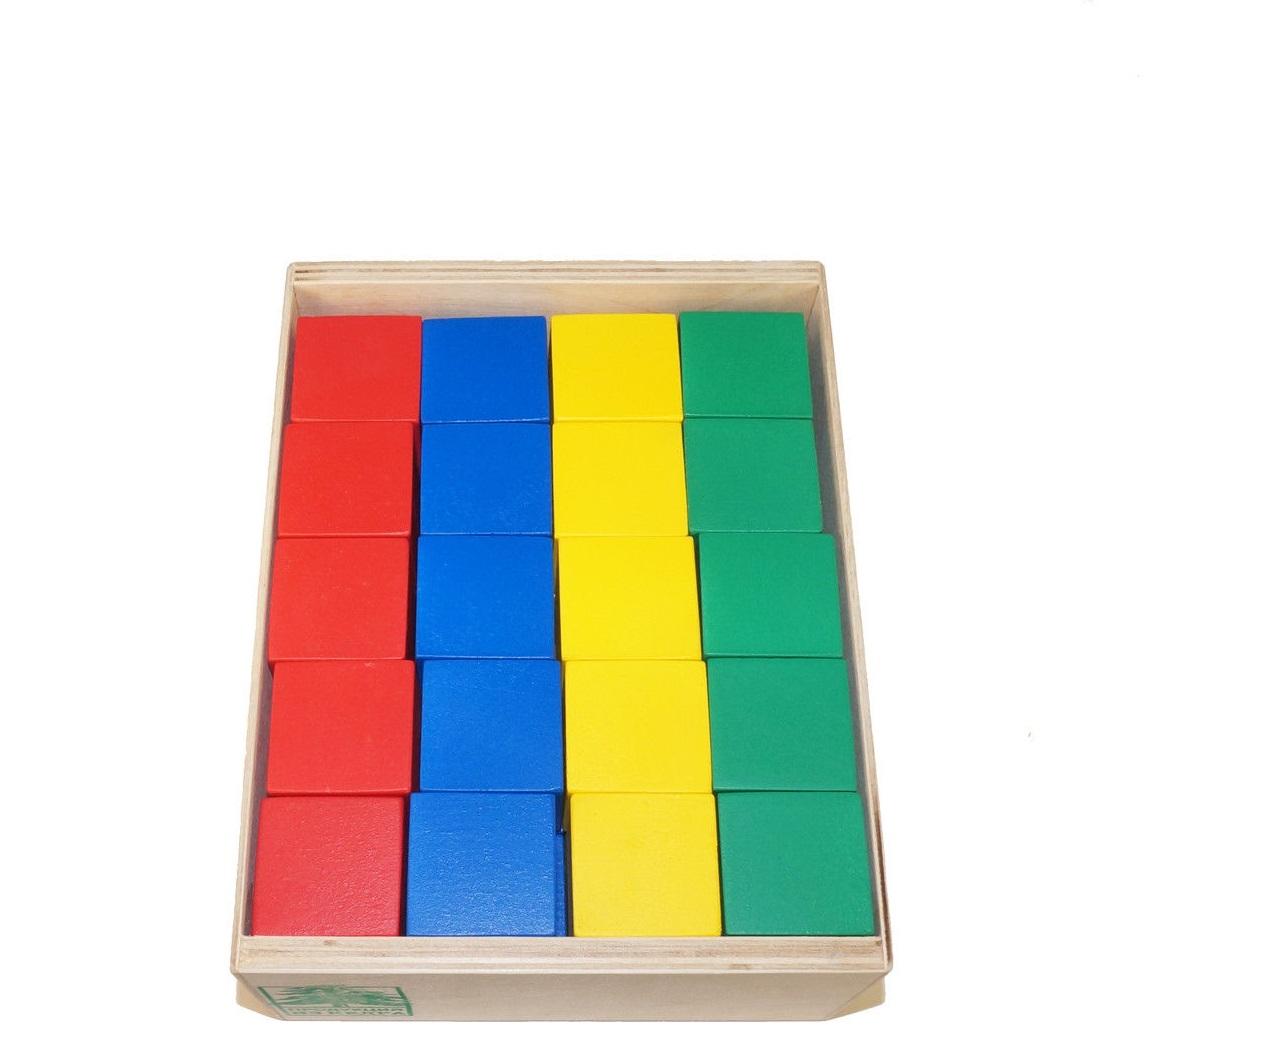 коробка кубики, набор кубиков из дерева для детского сада,деревянные кубики для детского сада